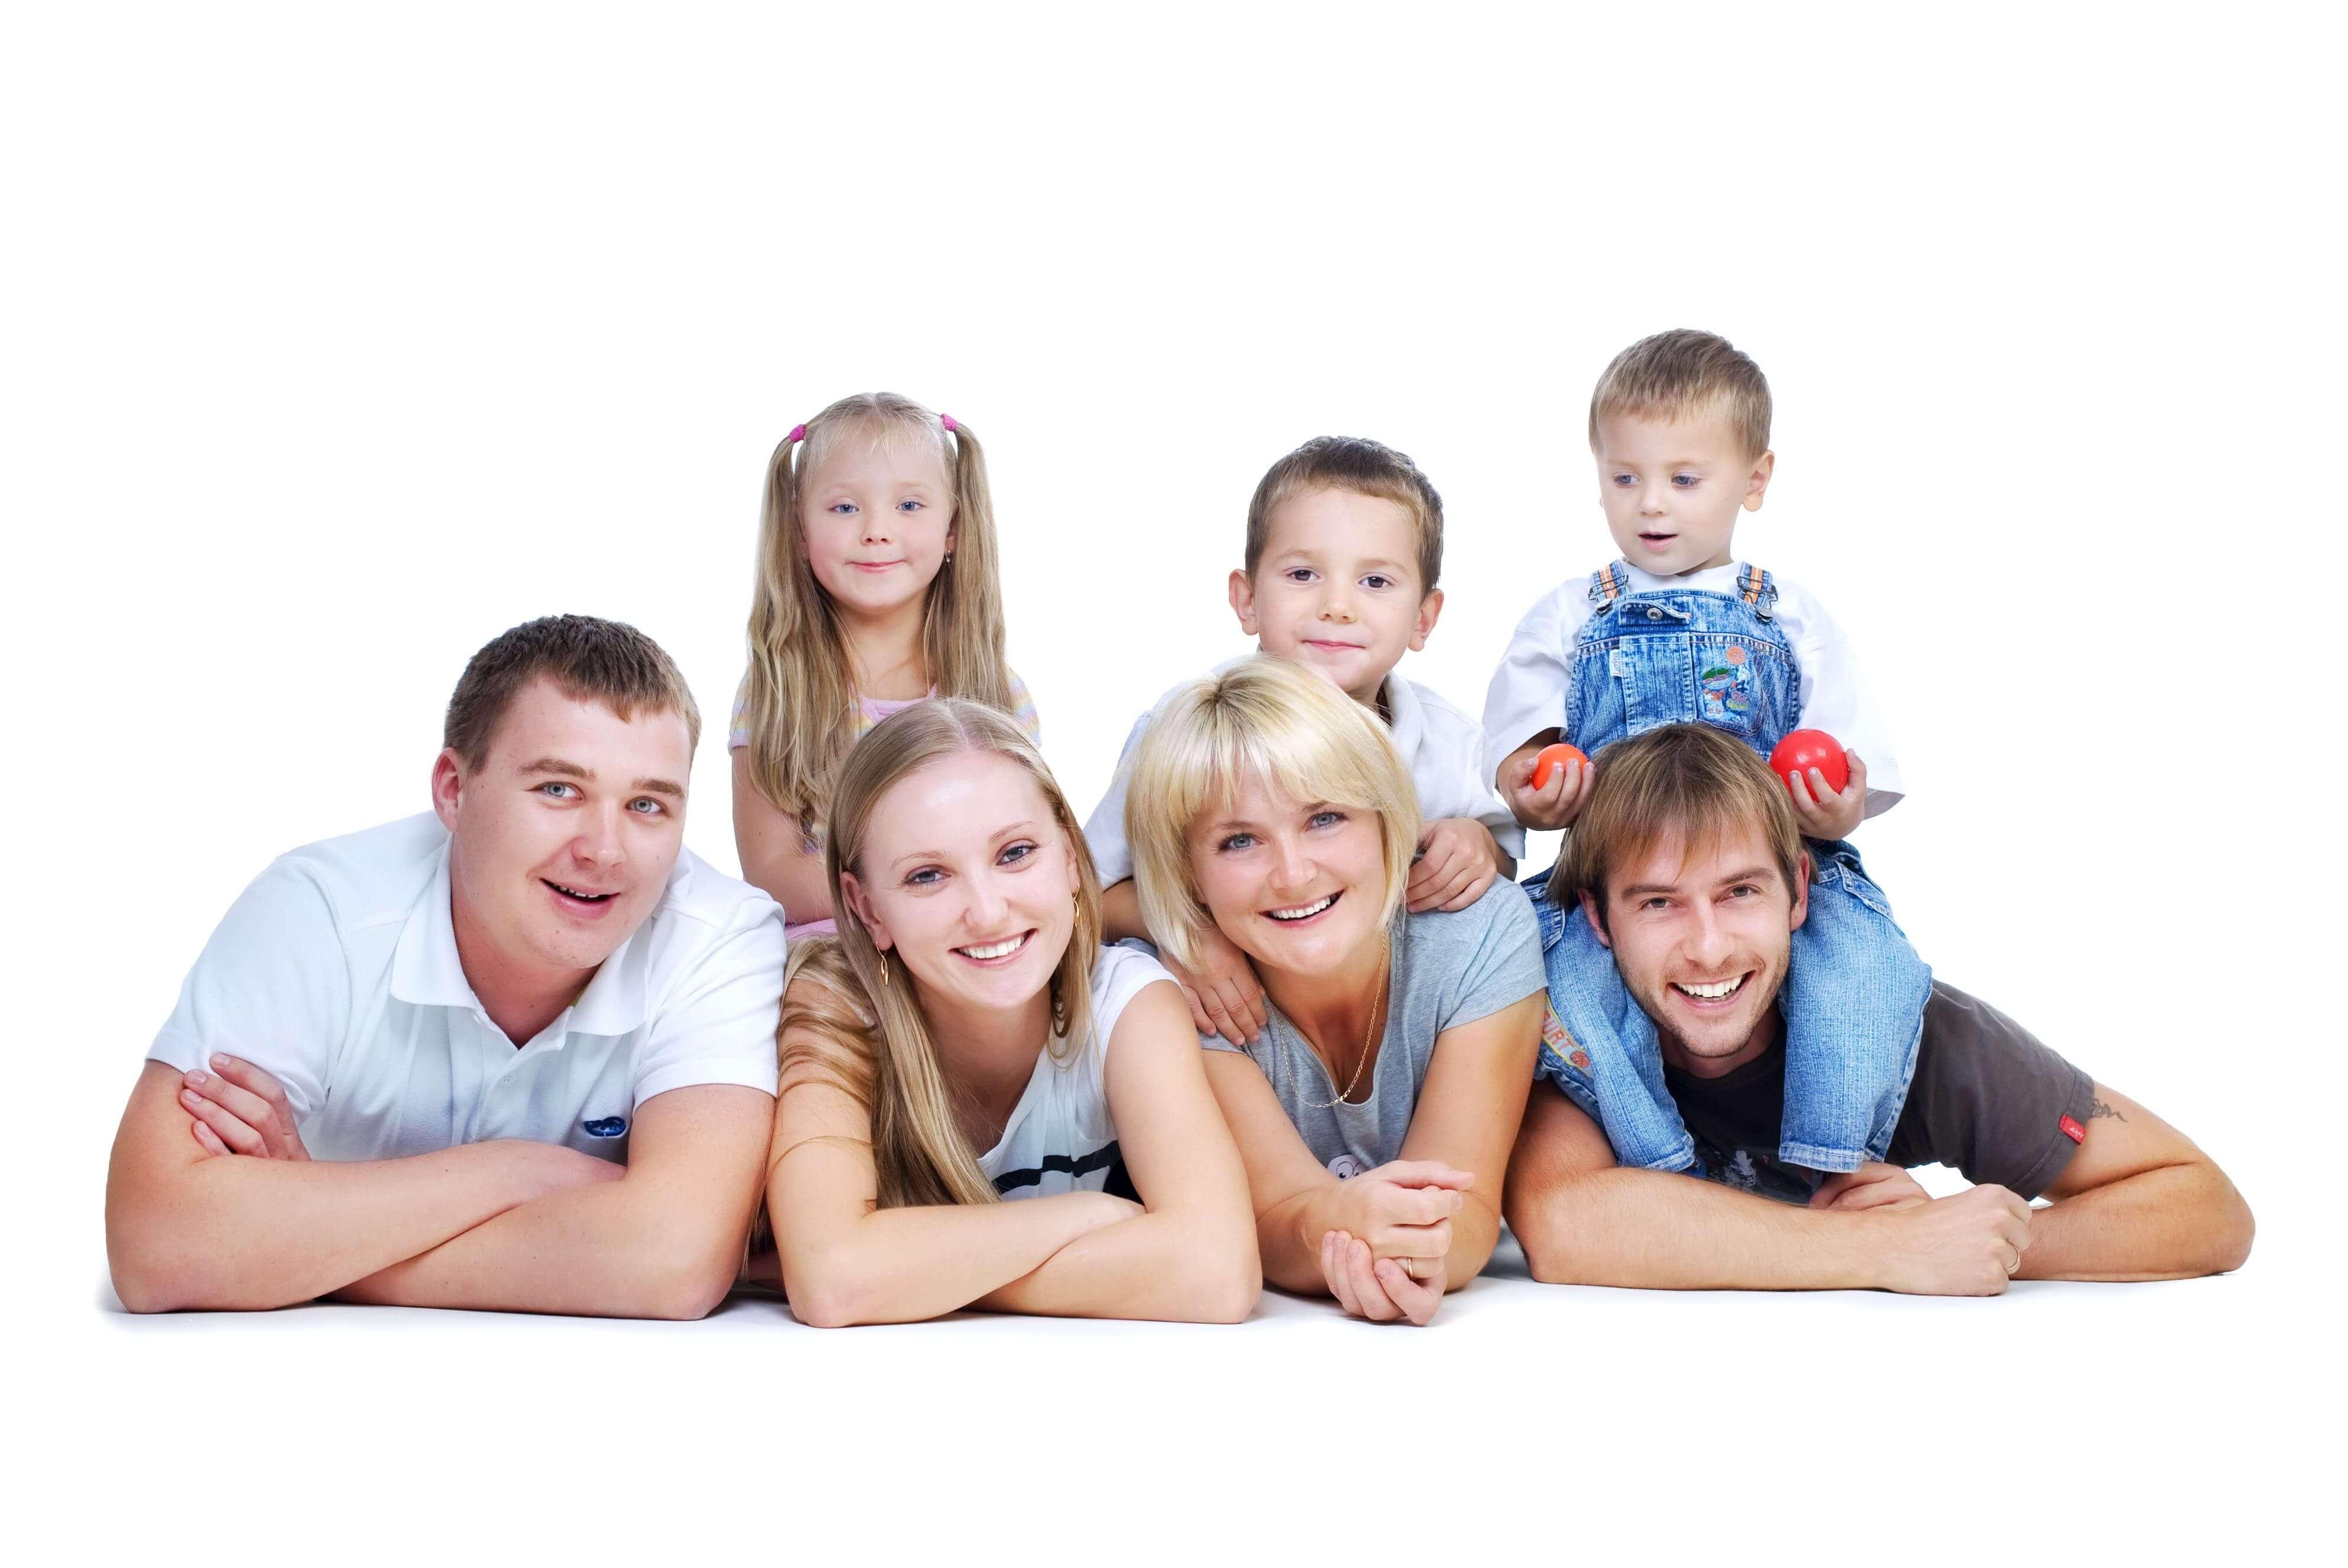 Какие льготы положены многодетным семьям? Льготы для многодетных семей